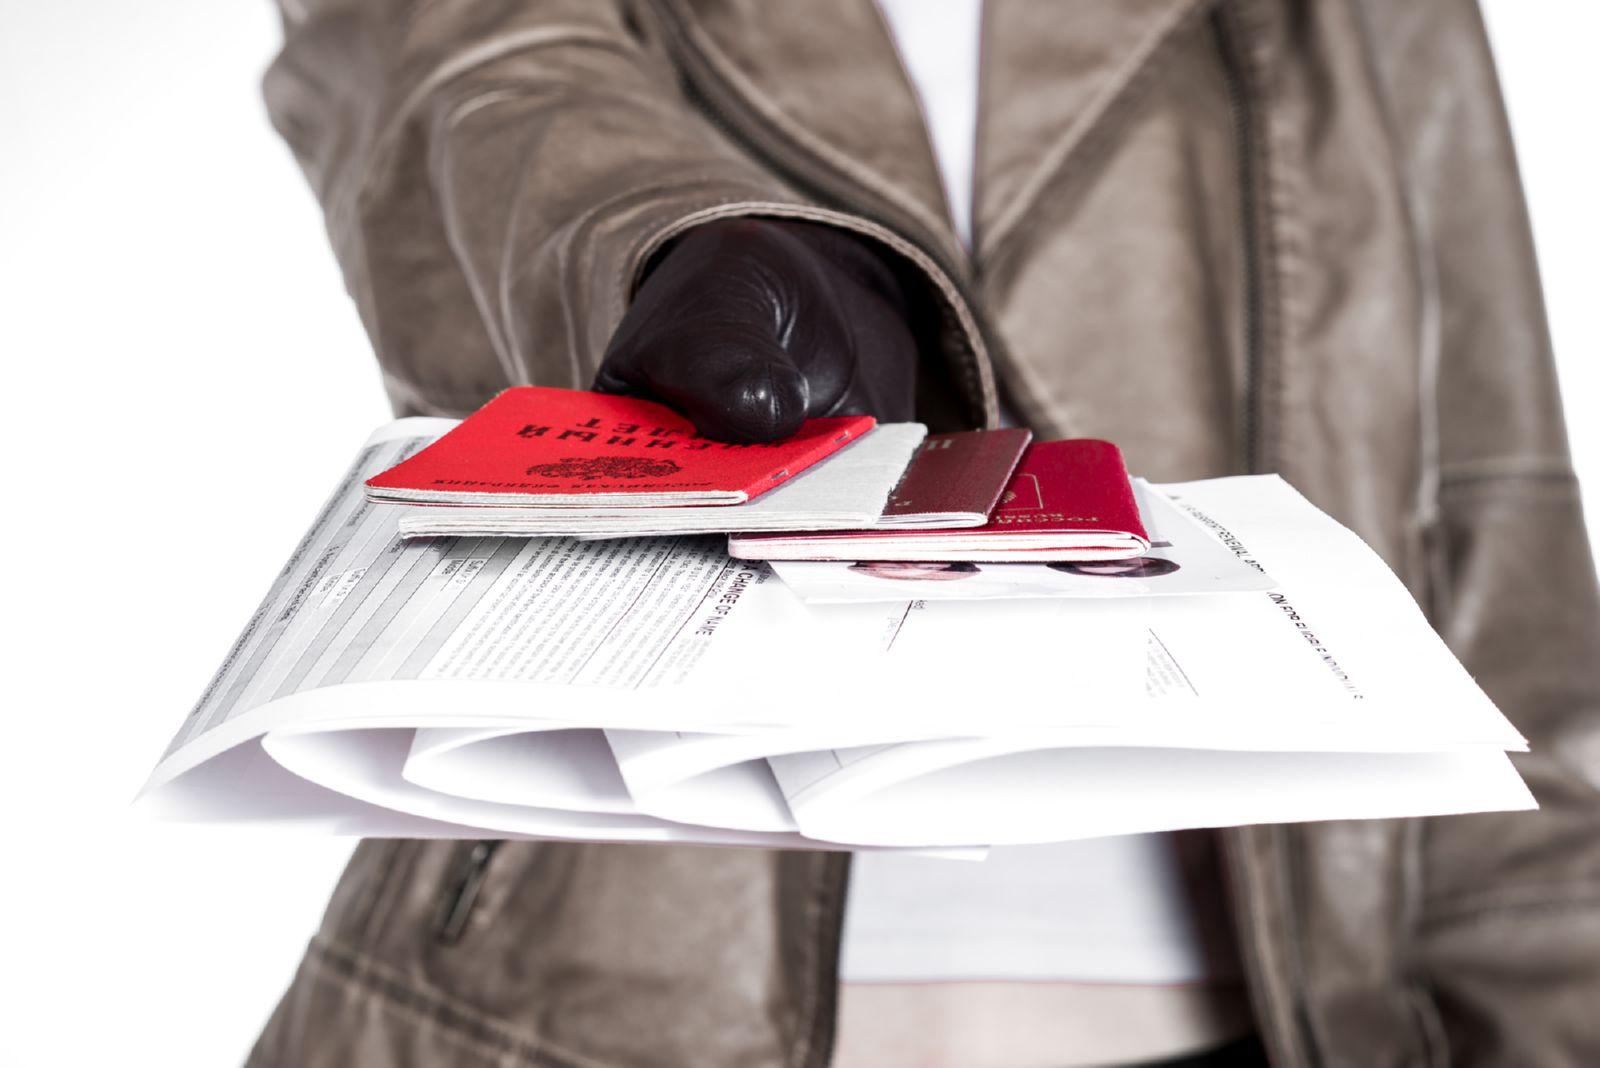 Незаконное увольнение: что это такое и какие последствия для нанимателя влечёт